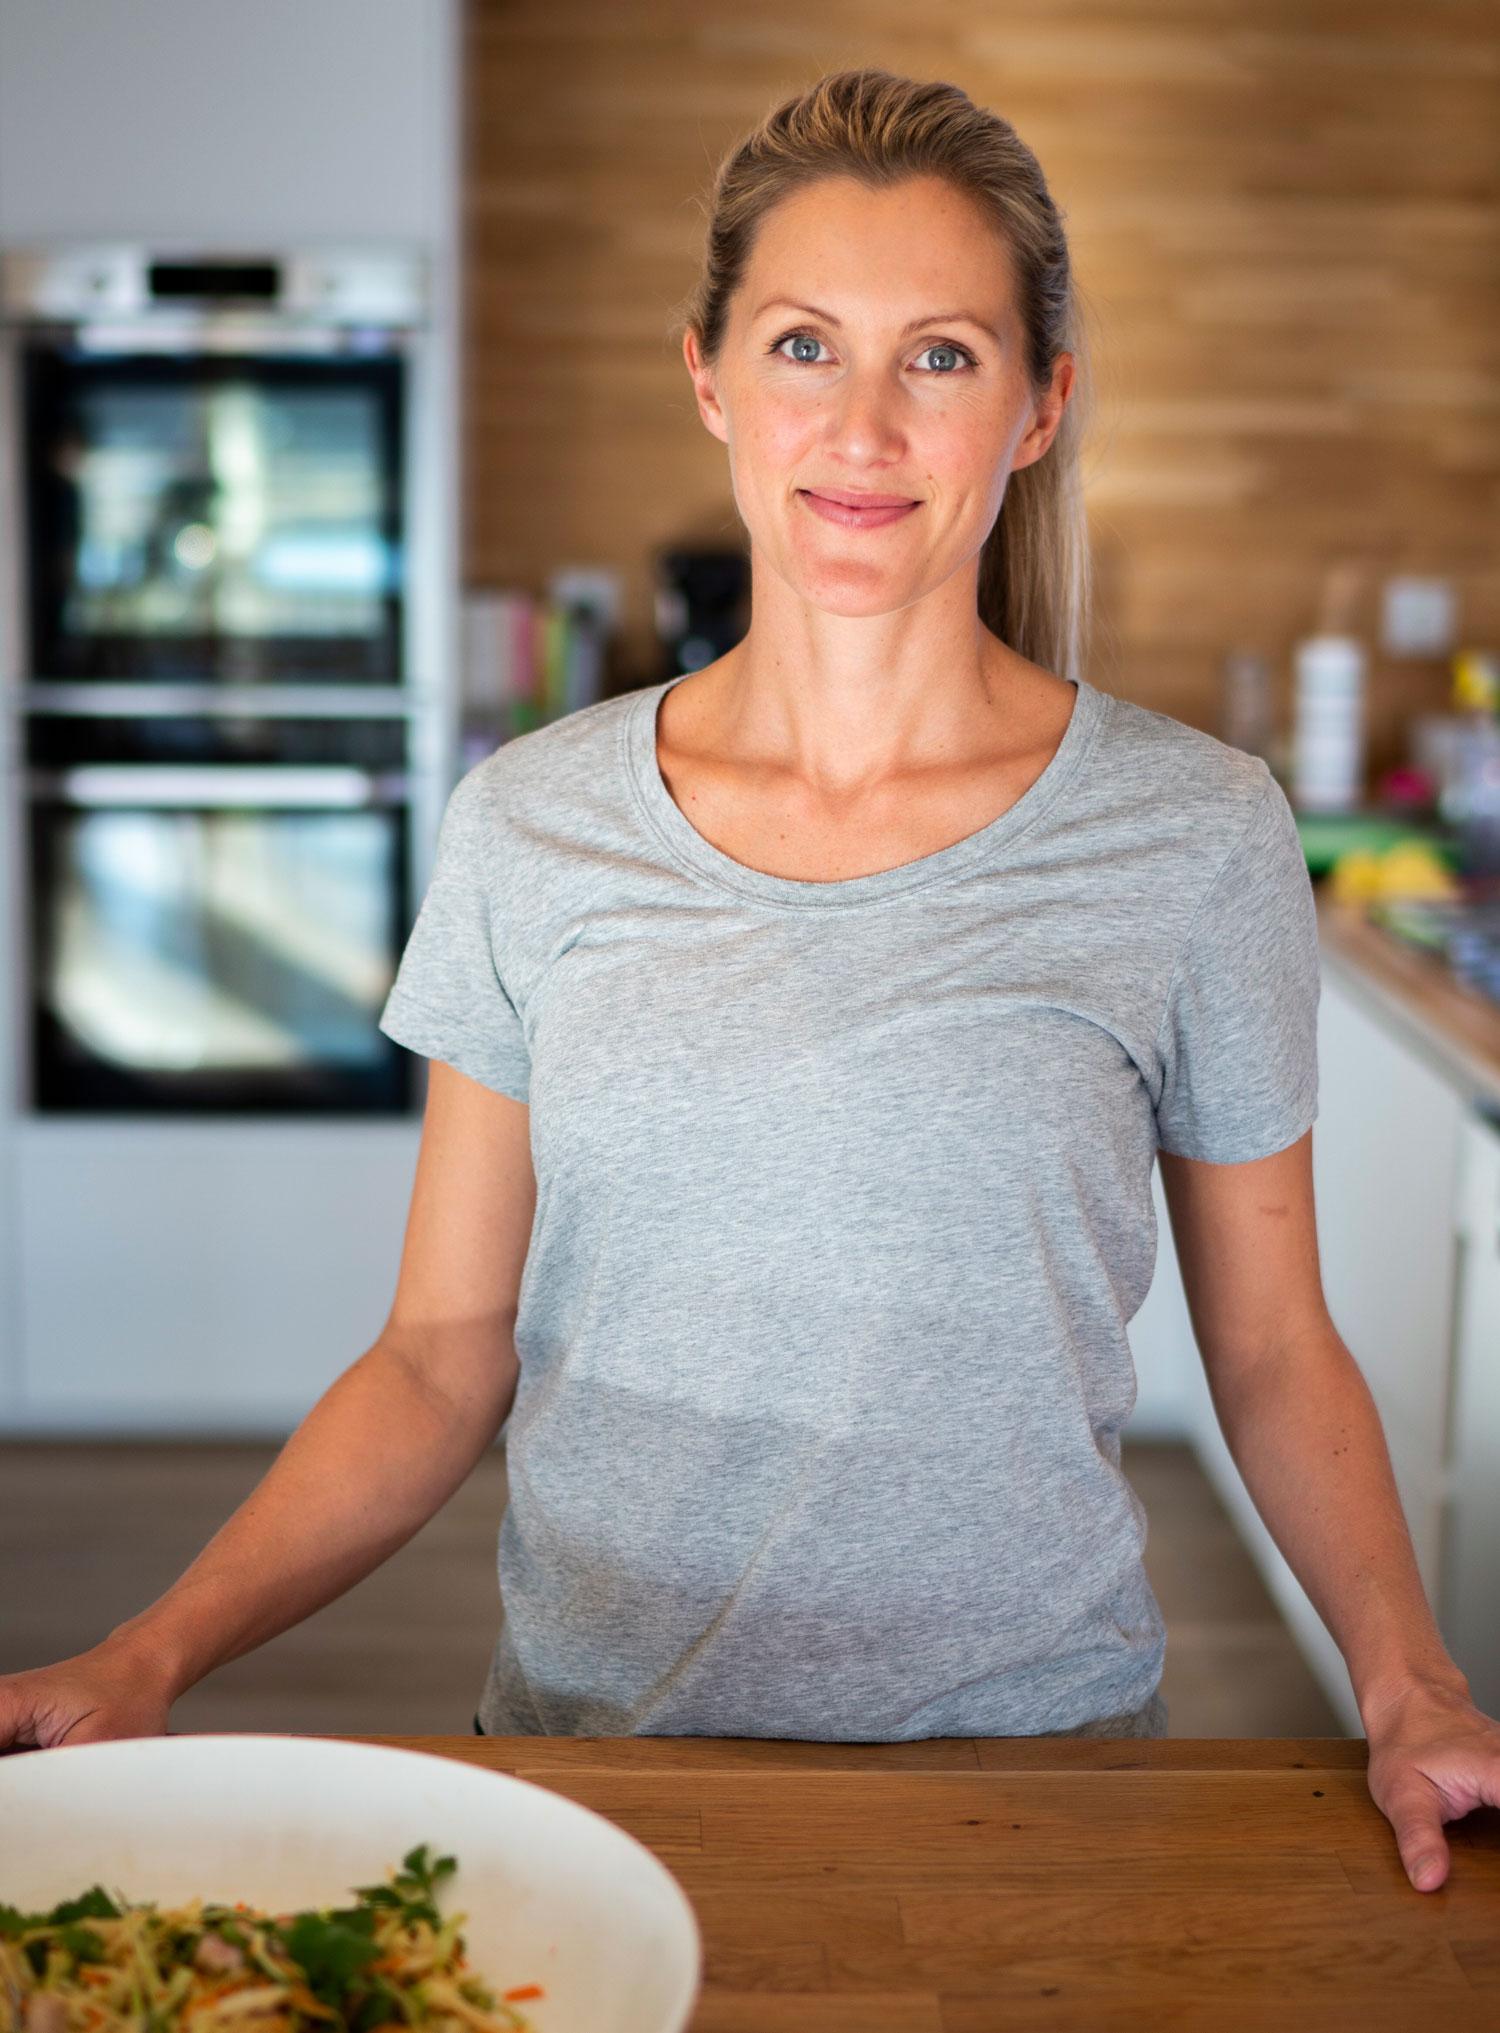 SØRG FOR RIKTIG – OG NOK – MAT: – Mange lar det gå lenge mellom lunsj og middag, noe som resulterer i at man er sulten på jobb og kommer hjem sulten, forteller klinisk ernæringsfysiolog Anette Skarpaas Ramm. (FOTO: Simen Øien)